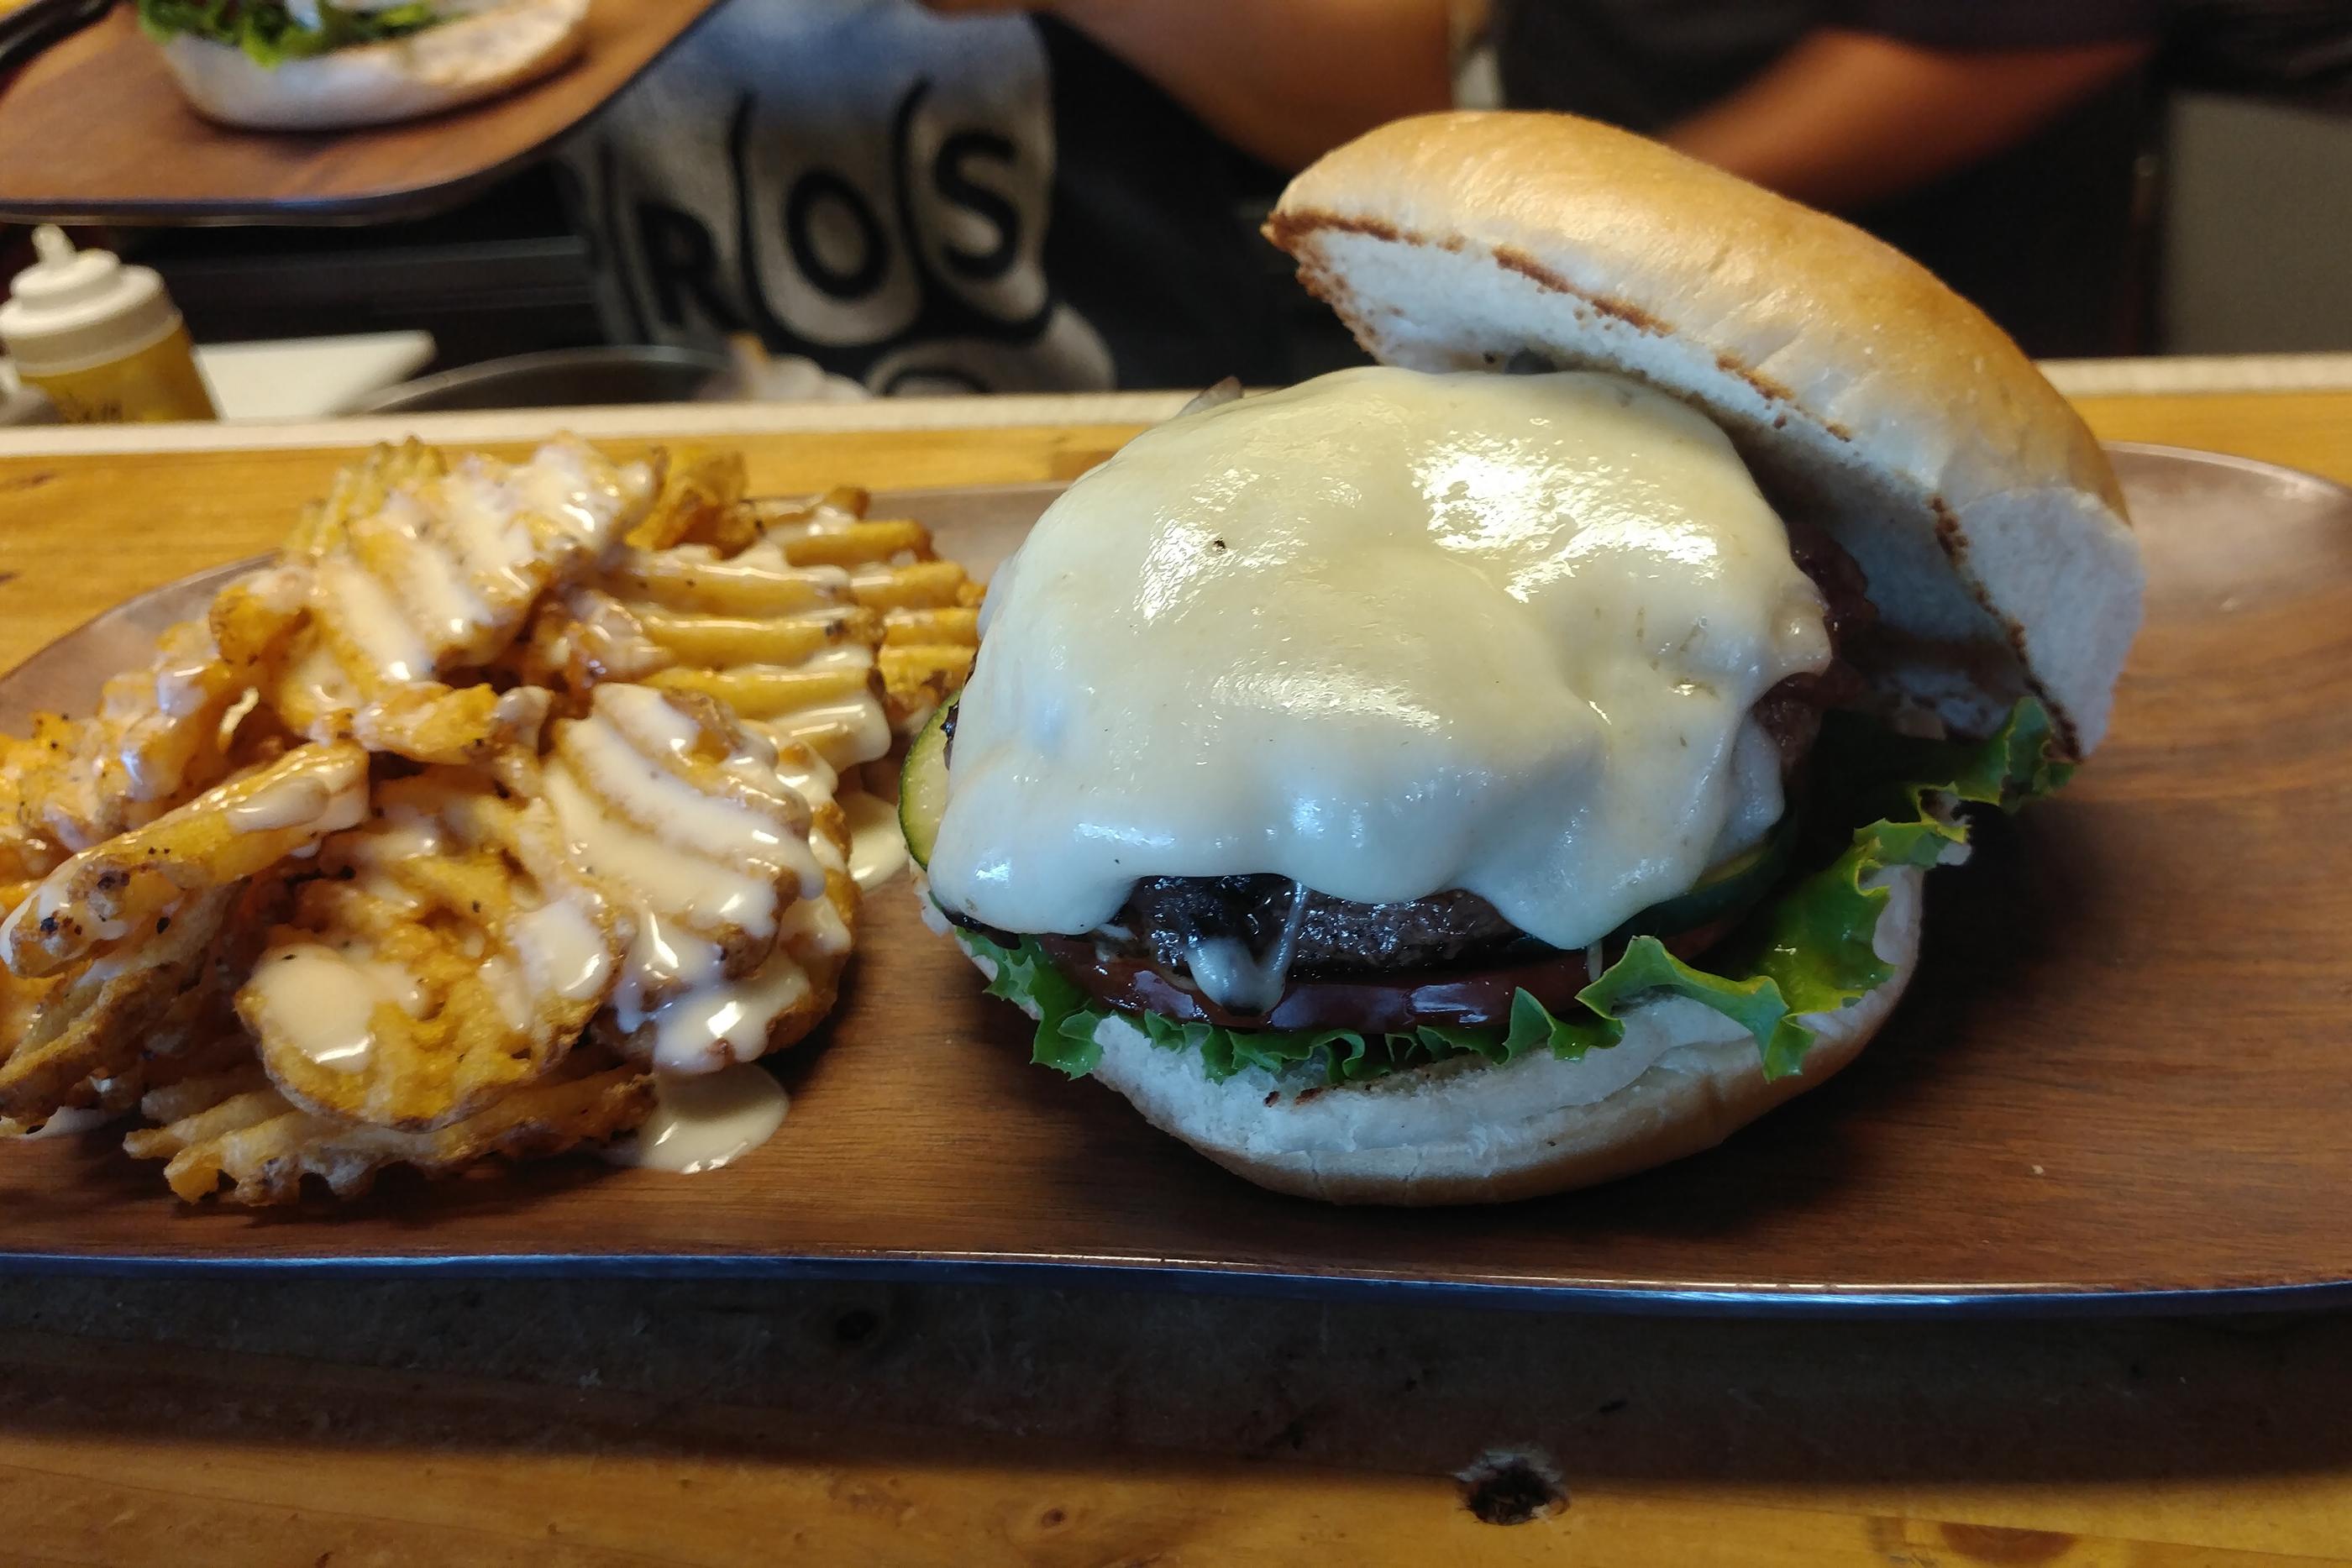 Frenchy Bro Burger at Bros Sandwich Shack